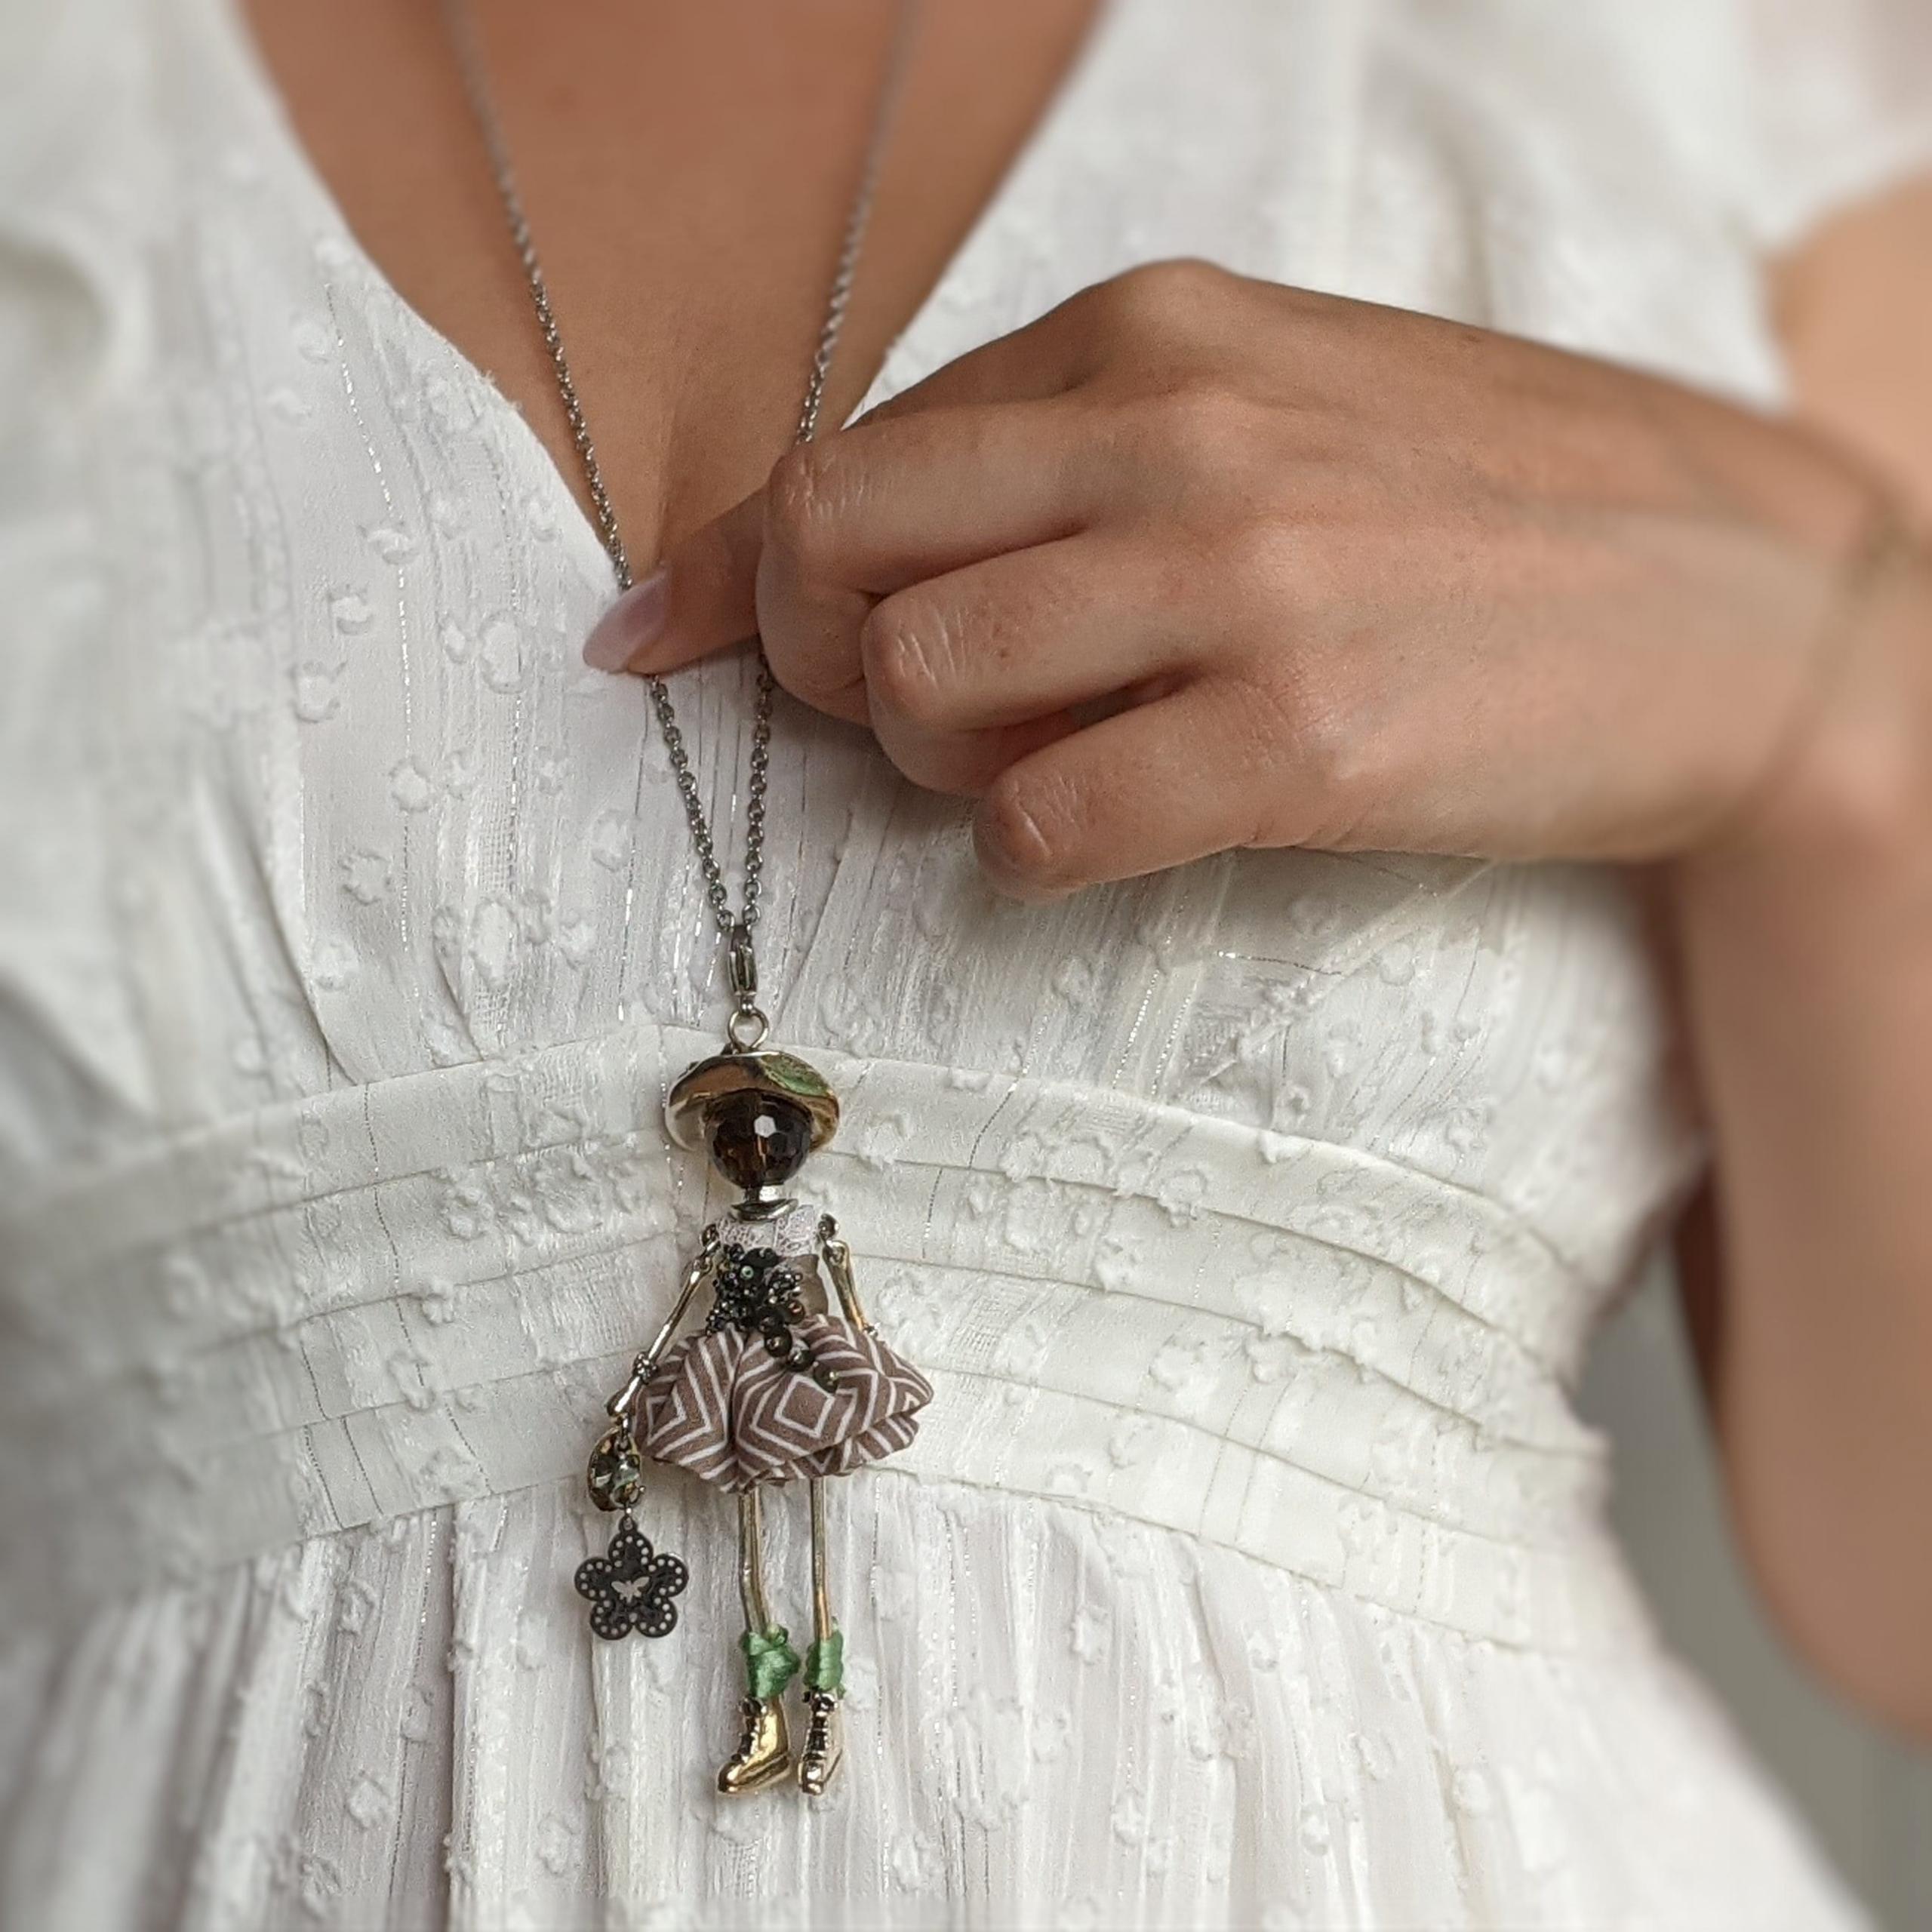 murmures d'une charmeuse | bijoux femme |bijoux de créateurs | pendentifs poupées |collier poupée | collier femme |collier pierre |lithotérapie